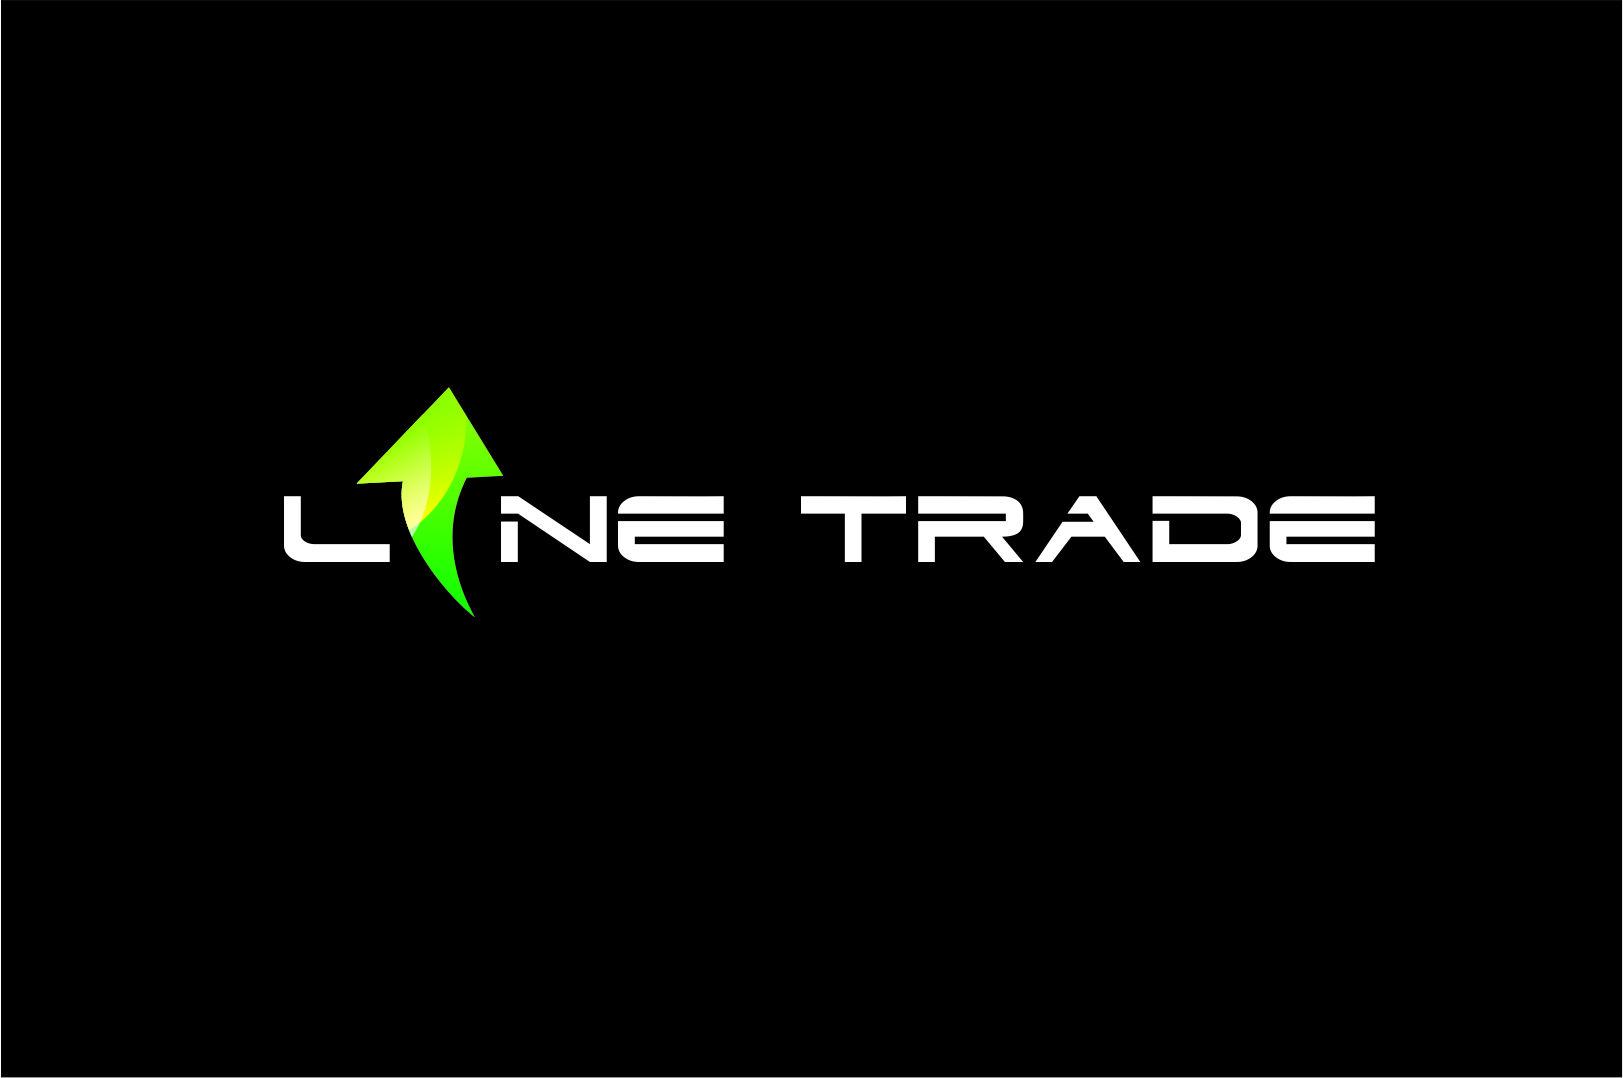 Разработка логотипа компании Line Trade фото f_54350f7a89f4e678.jpg